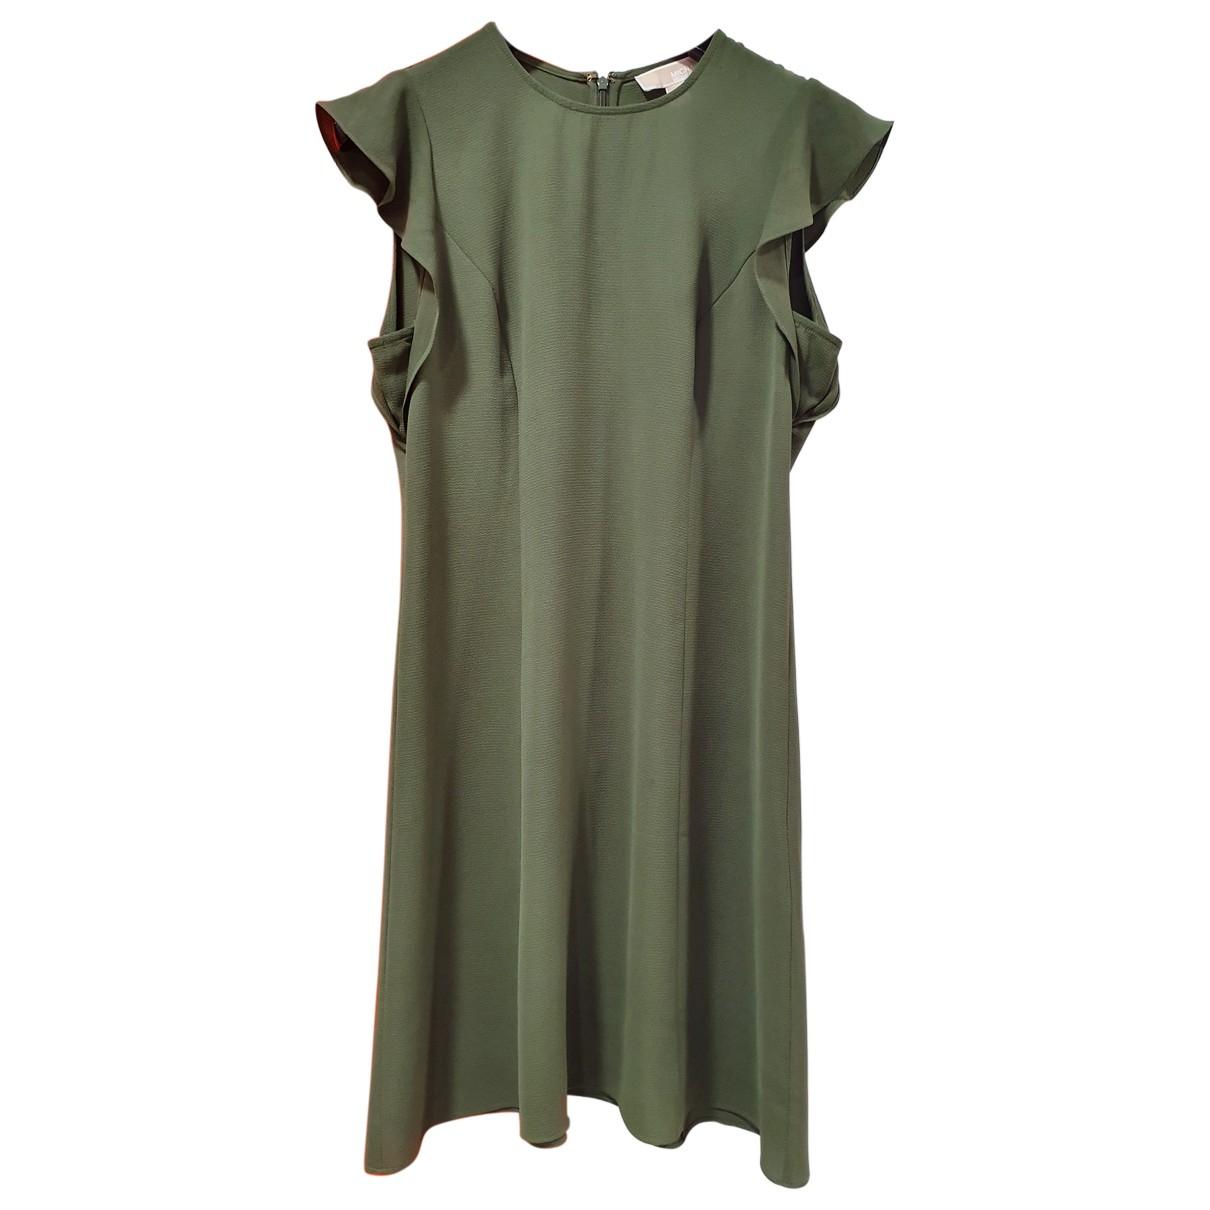 Michael Kors \N Khaki dress for Women 36 FR